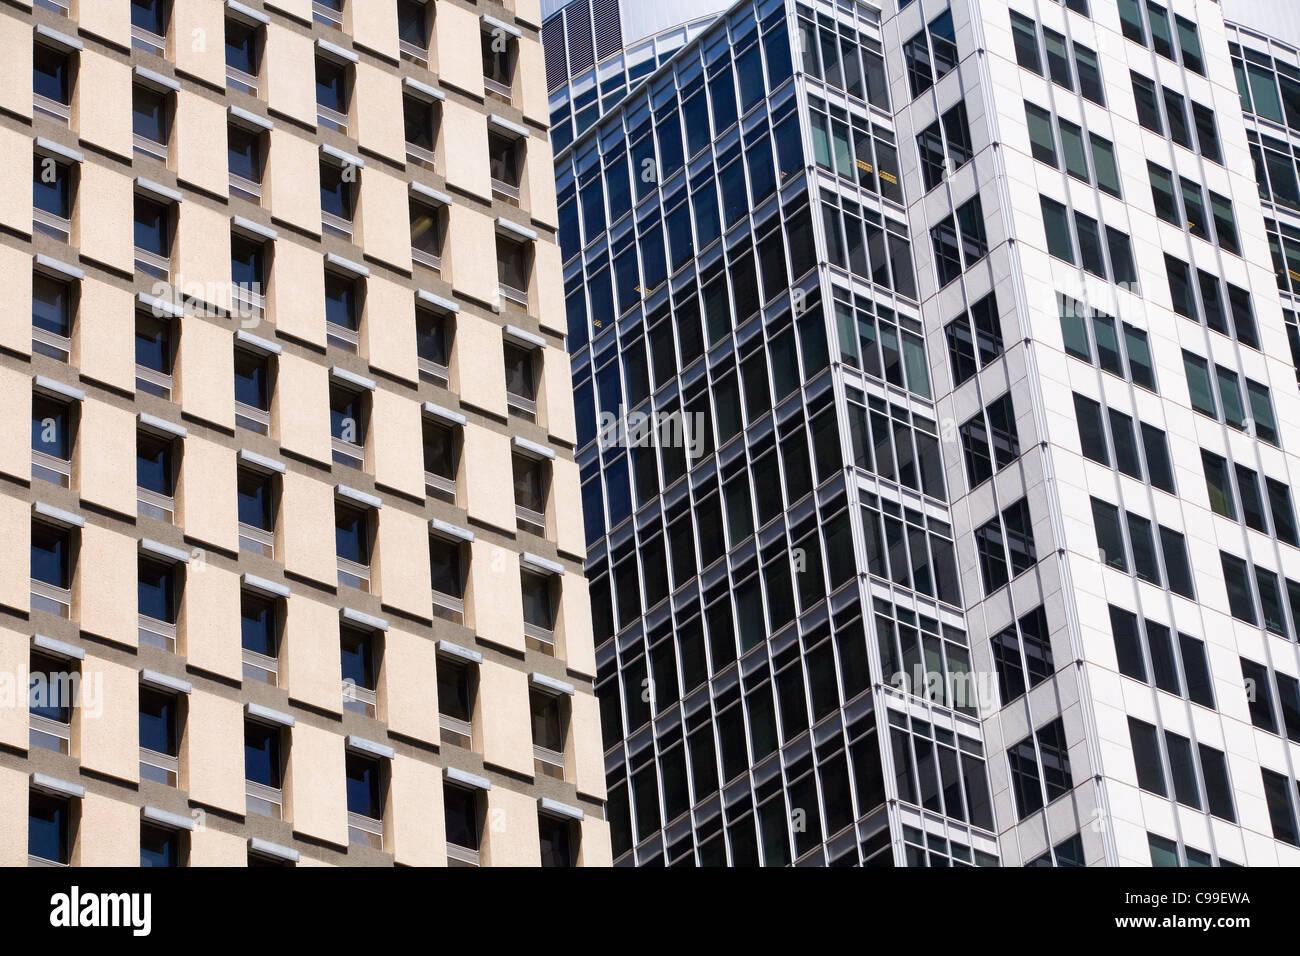 La arquitectura moderna del distrito central de negocios de Sydney. Sydney, New South Wales, Australia Imagen De Stock